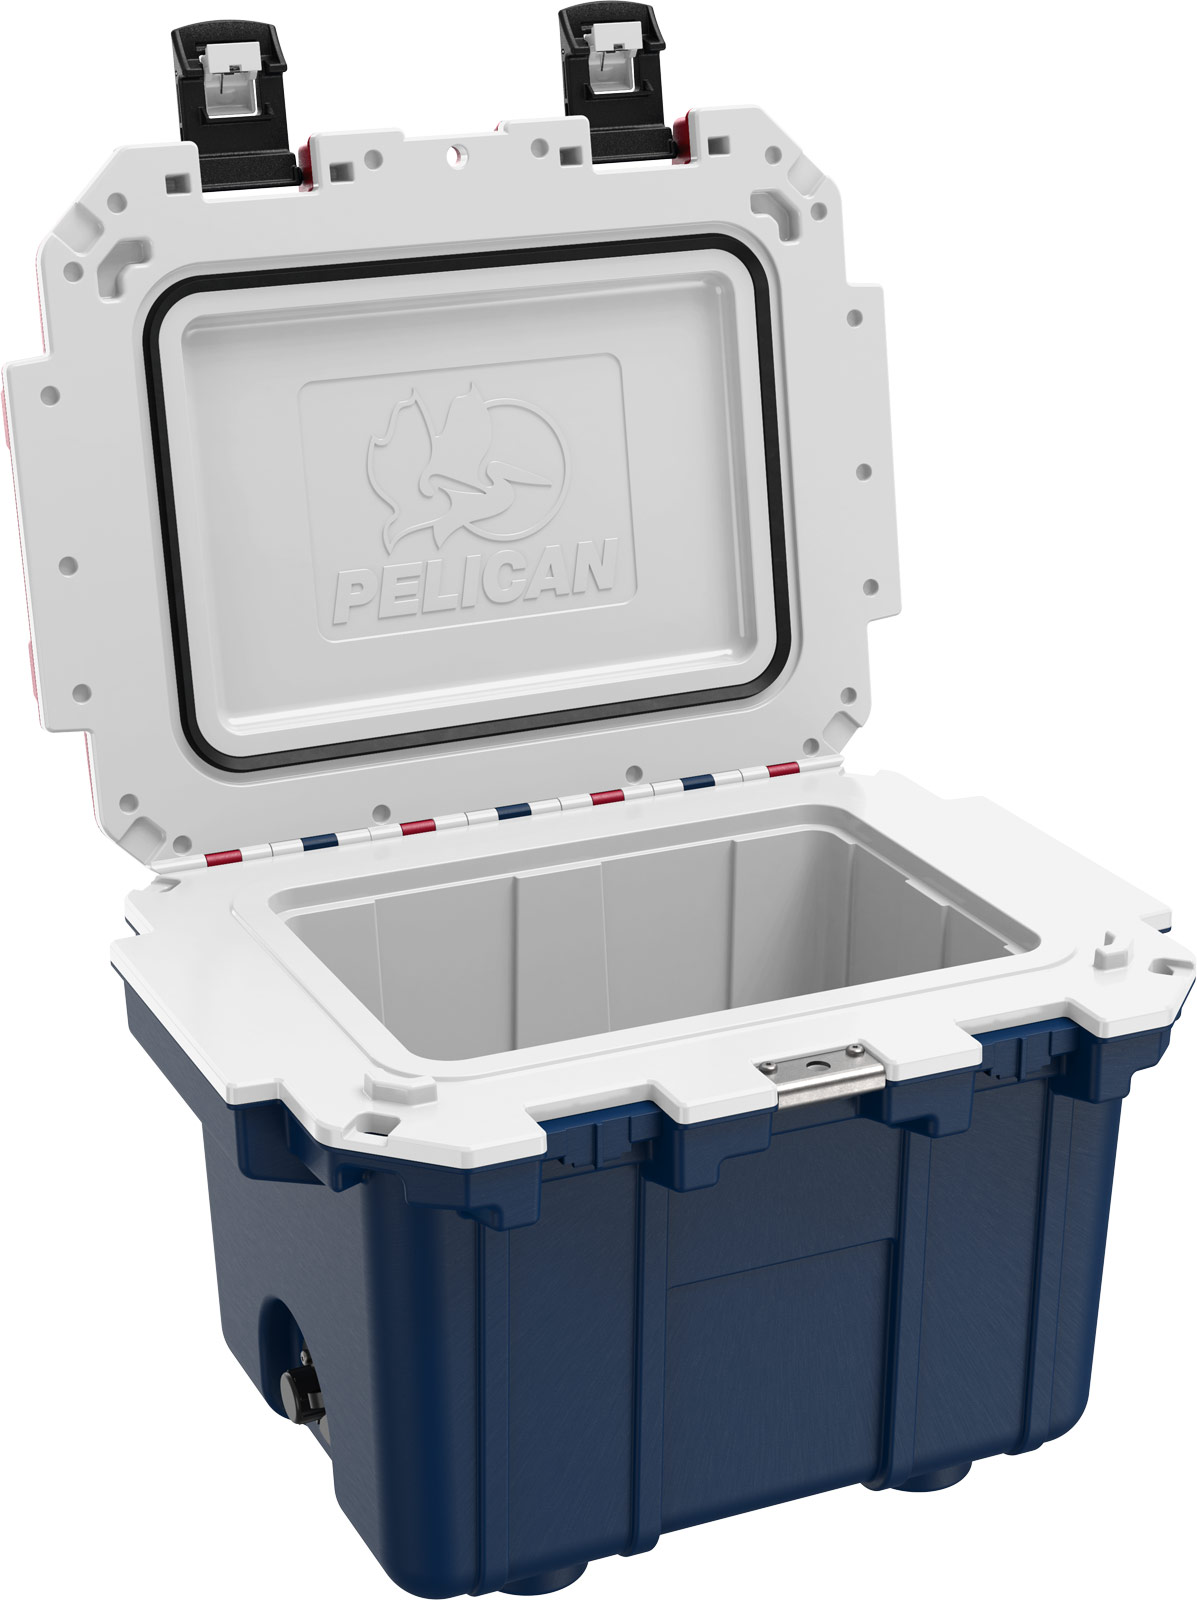 pelican picnic cooler 30qt americana blue white red